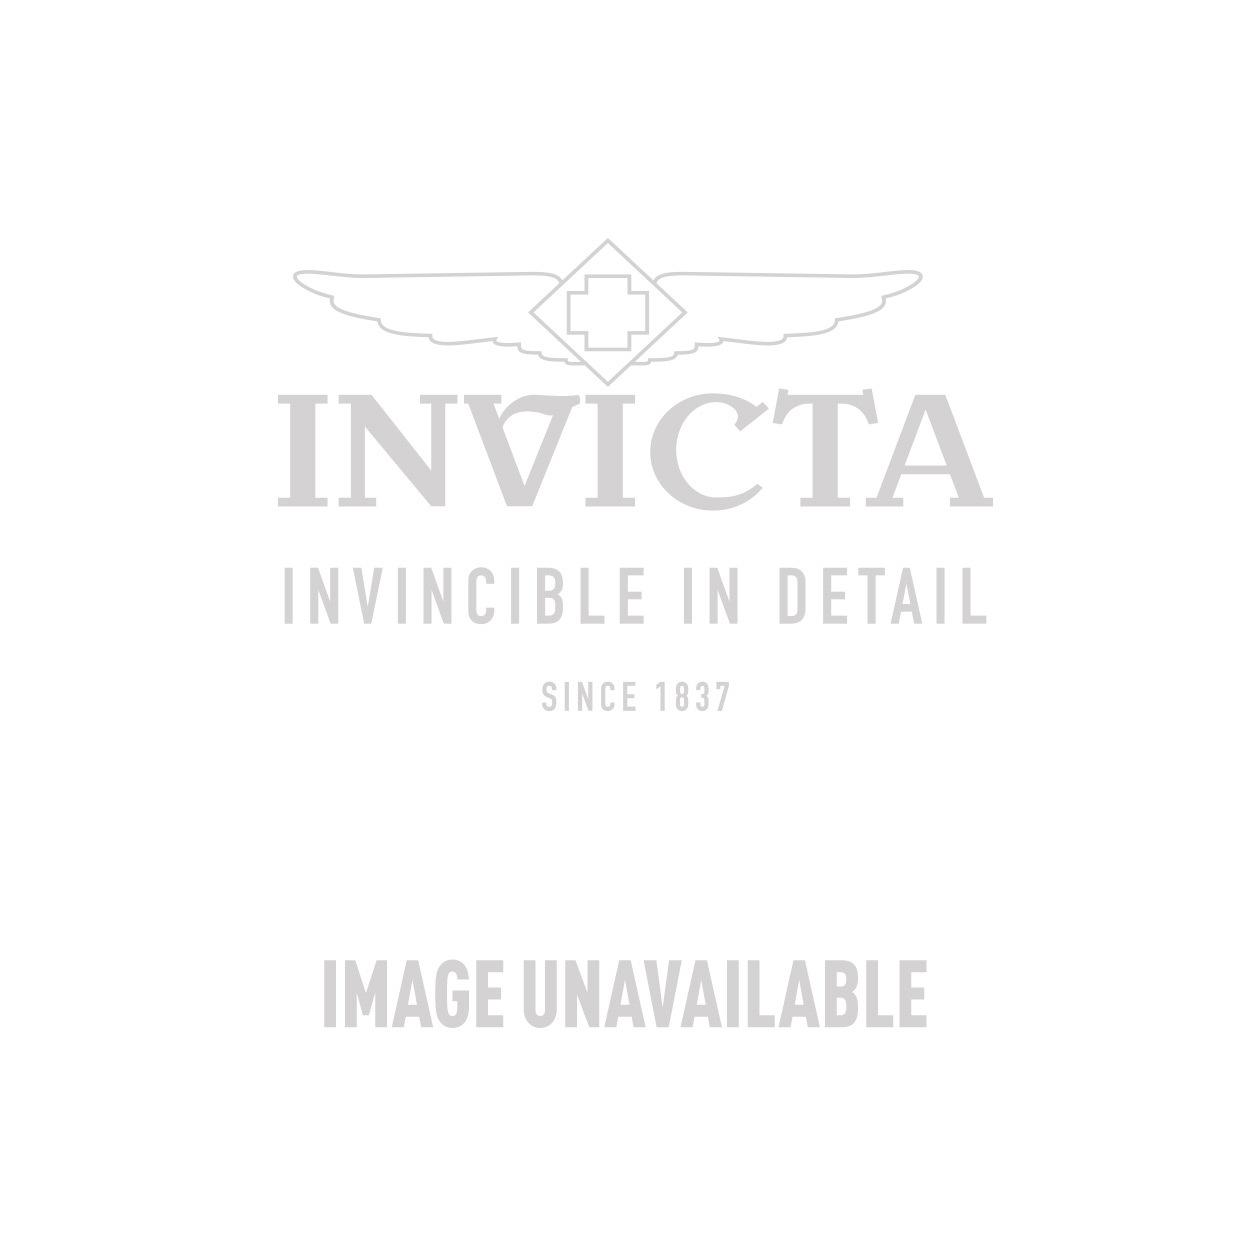 Invicta Model 24568